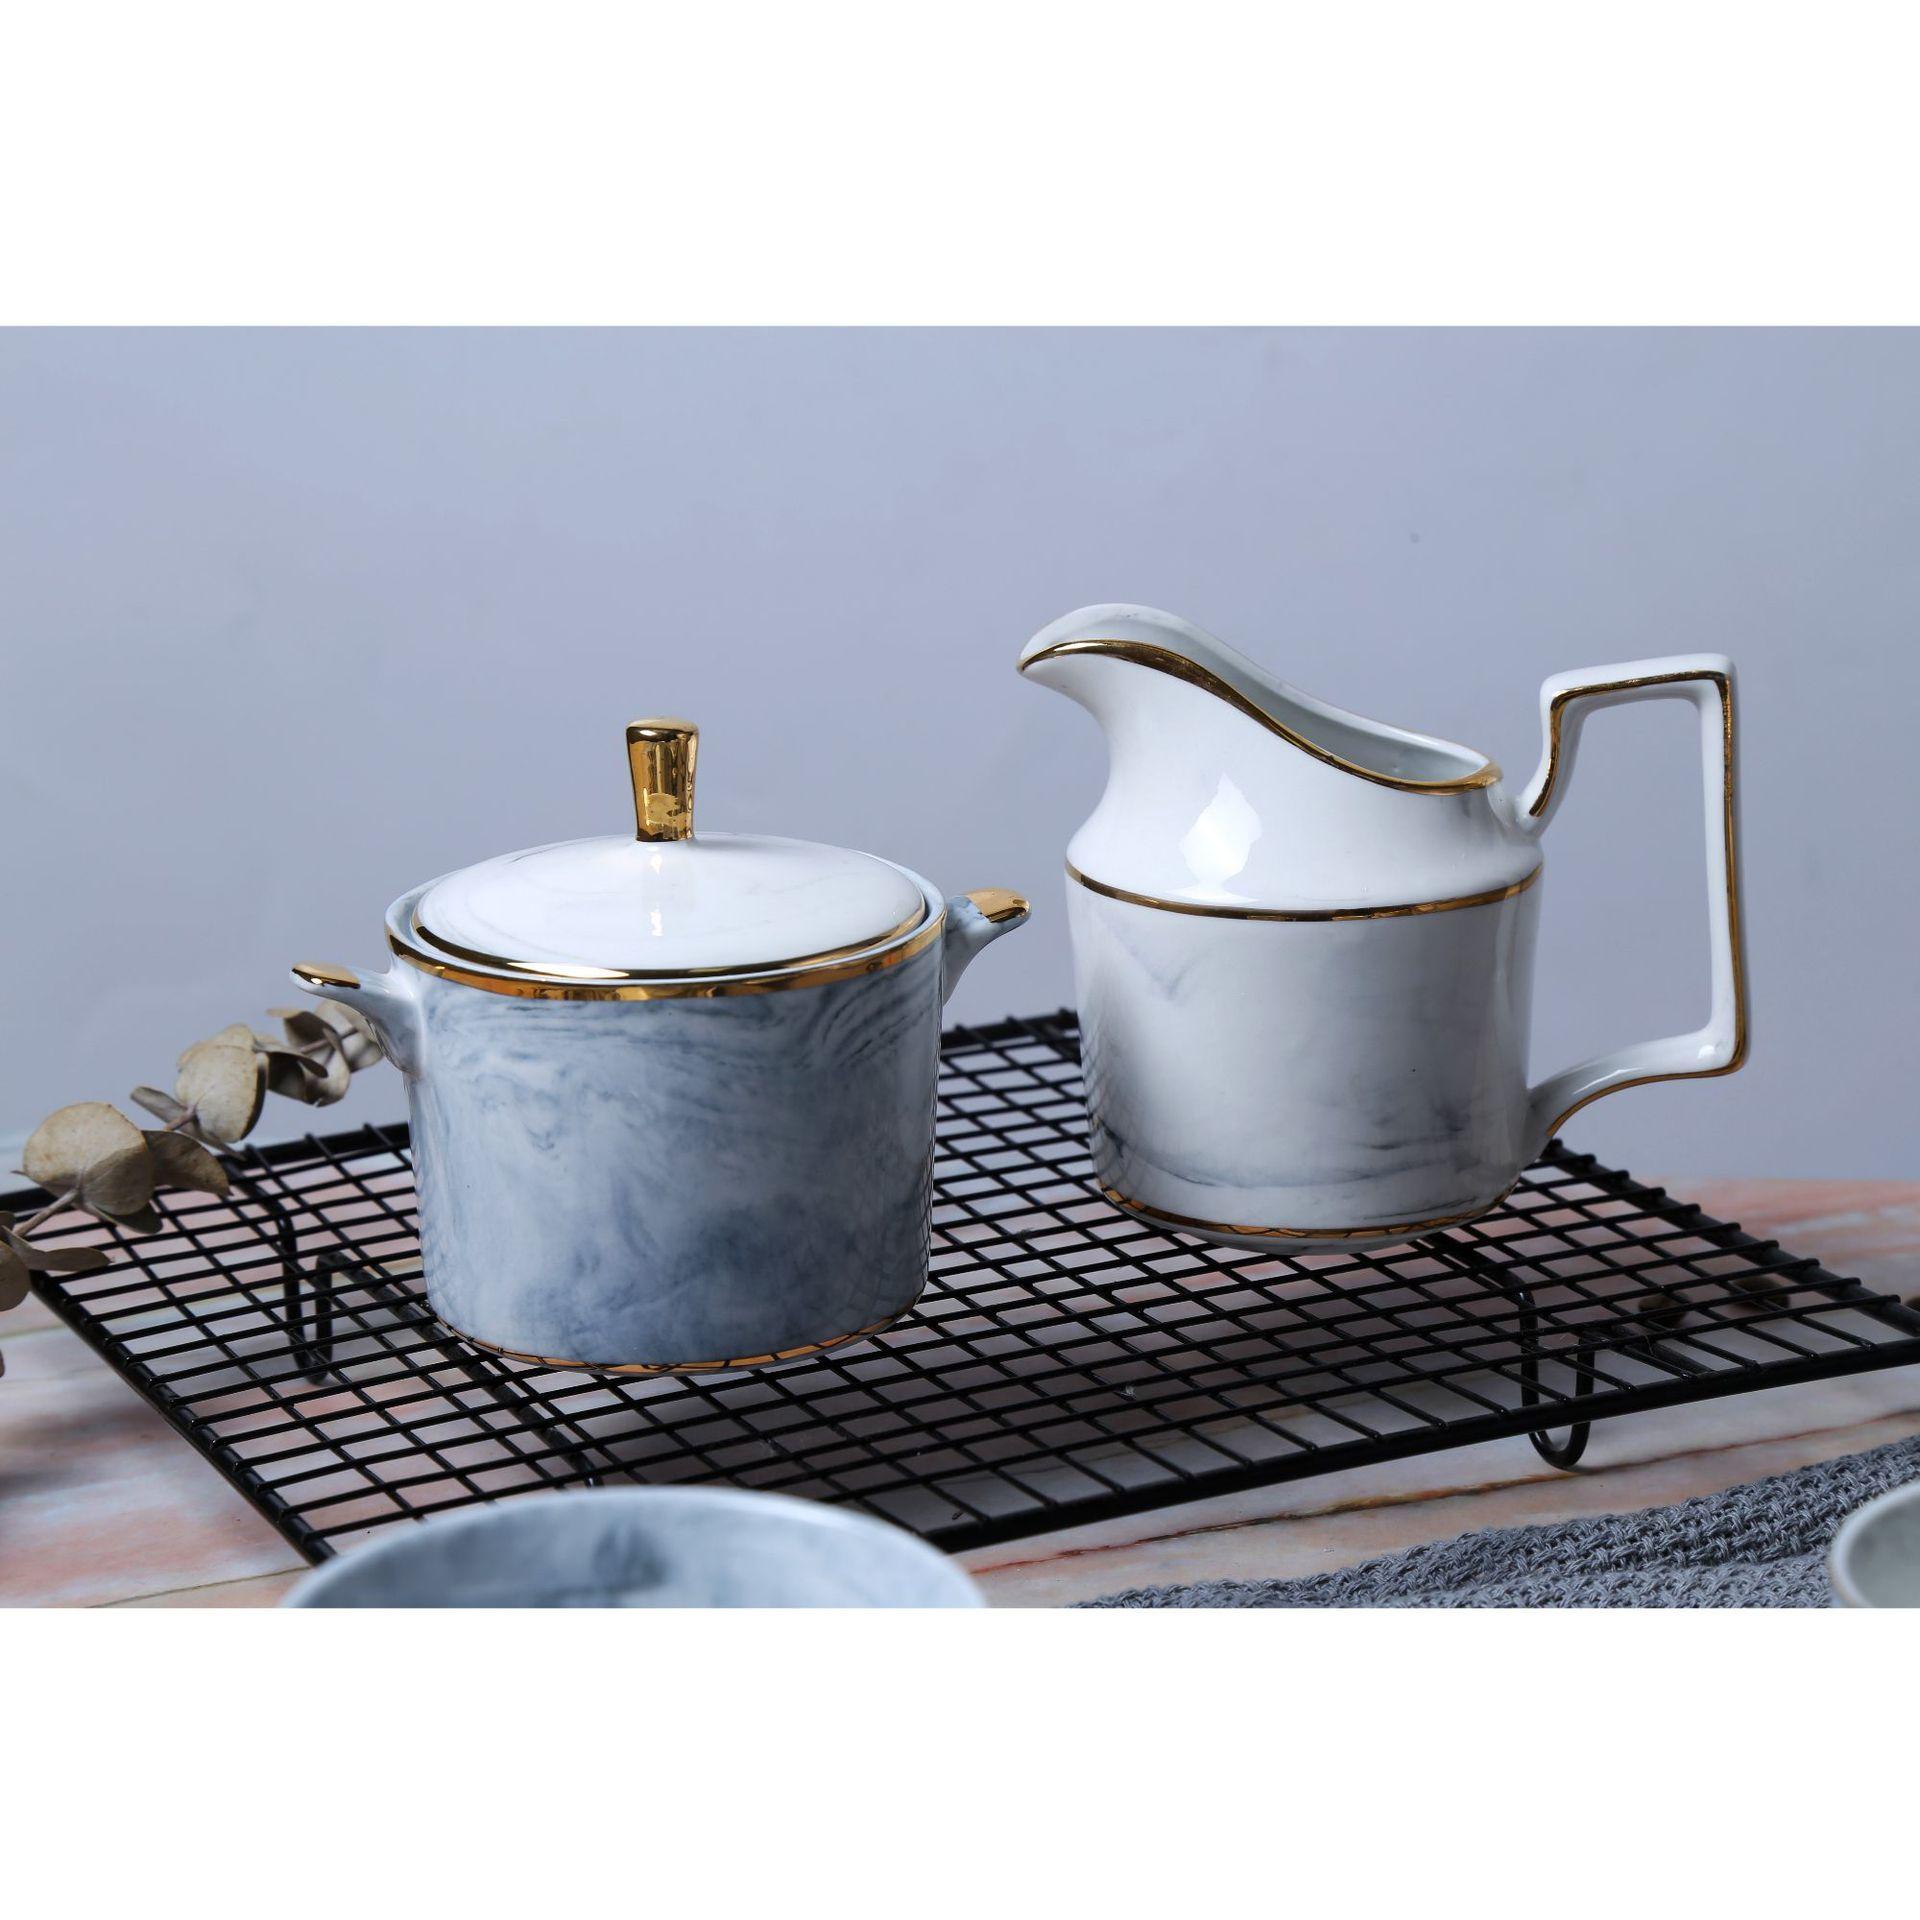 1 Комплект костяного фарфора набор посуды кружка костюм домашний с керамическим блюдцем набор чайник с цветами чашка фильтровальный чайник... - 2